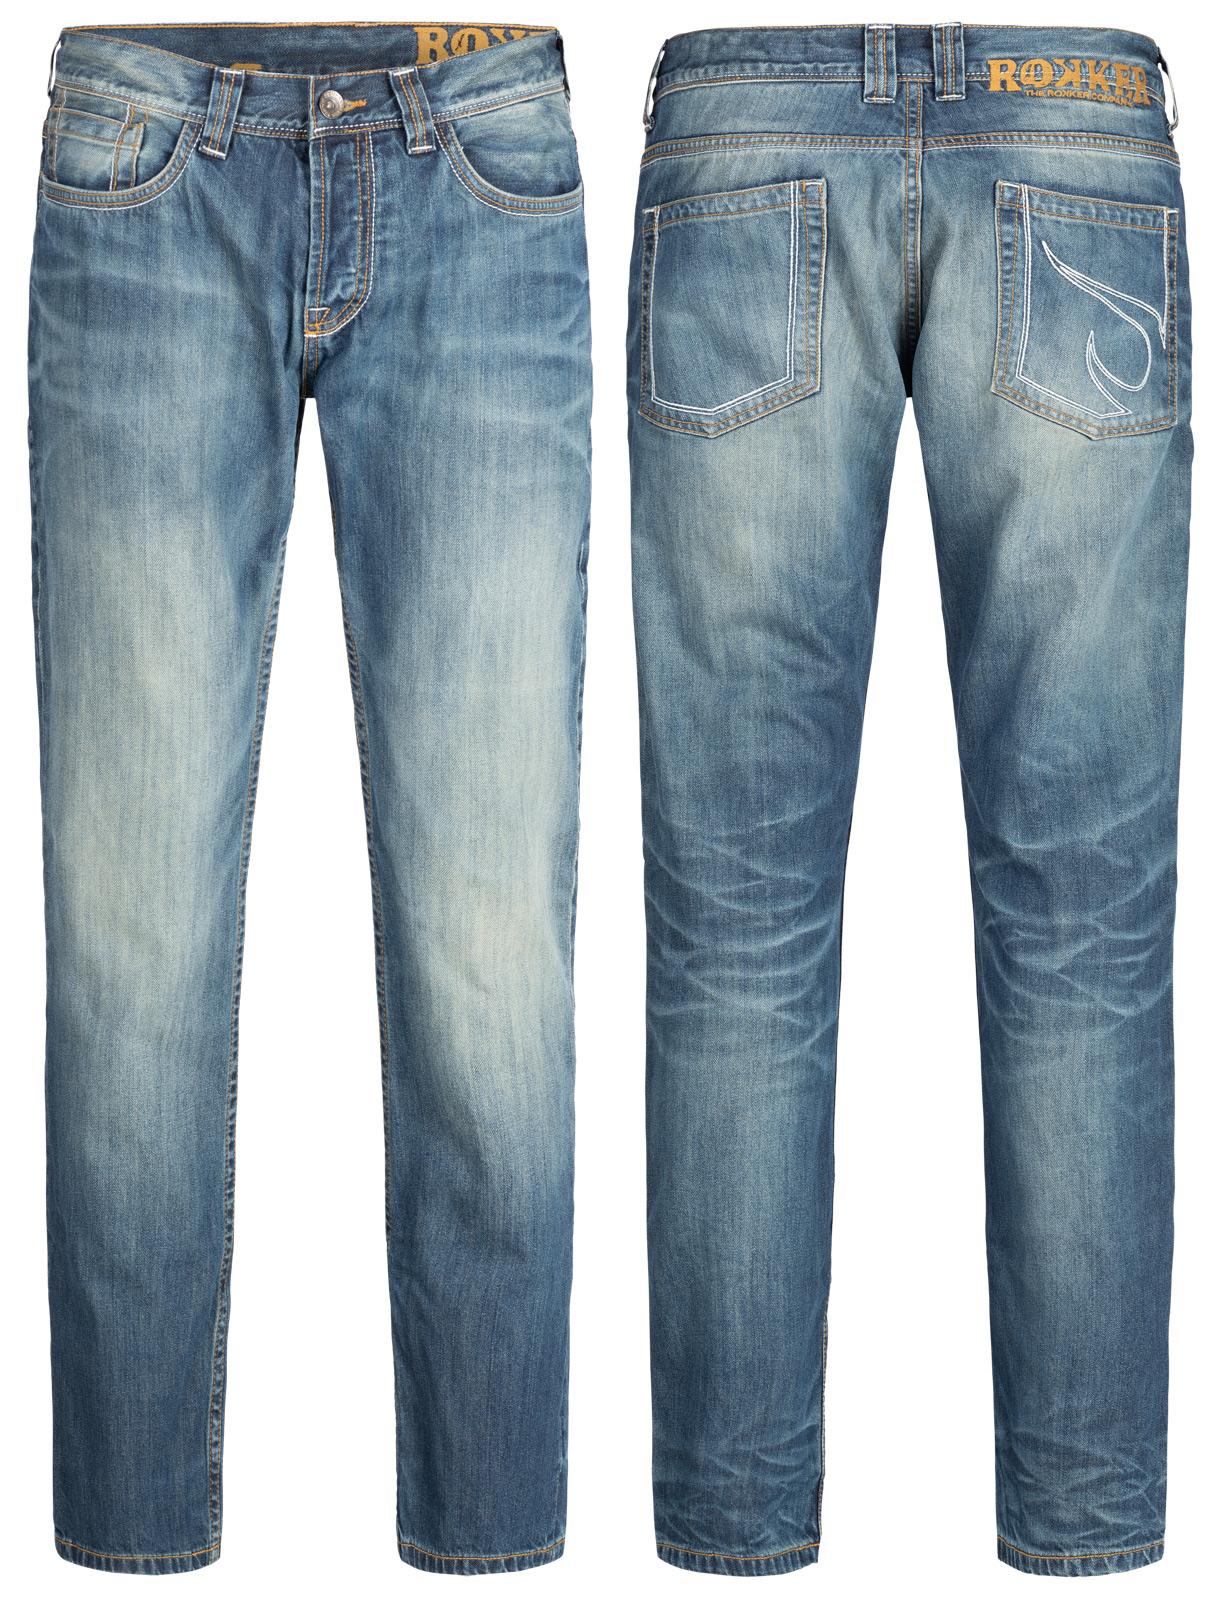 rokker jeans the rebel comfort fit 34 32 im thunderbike shop. Black Bedroom Furniture Sets. Home Design Ideas